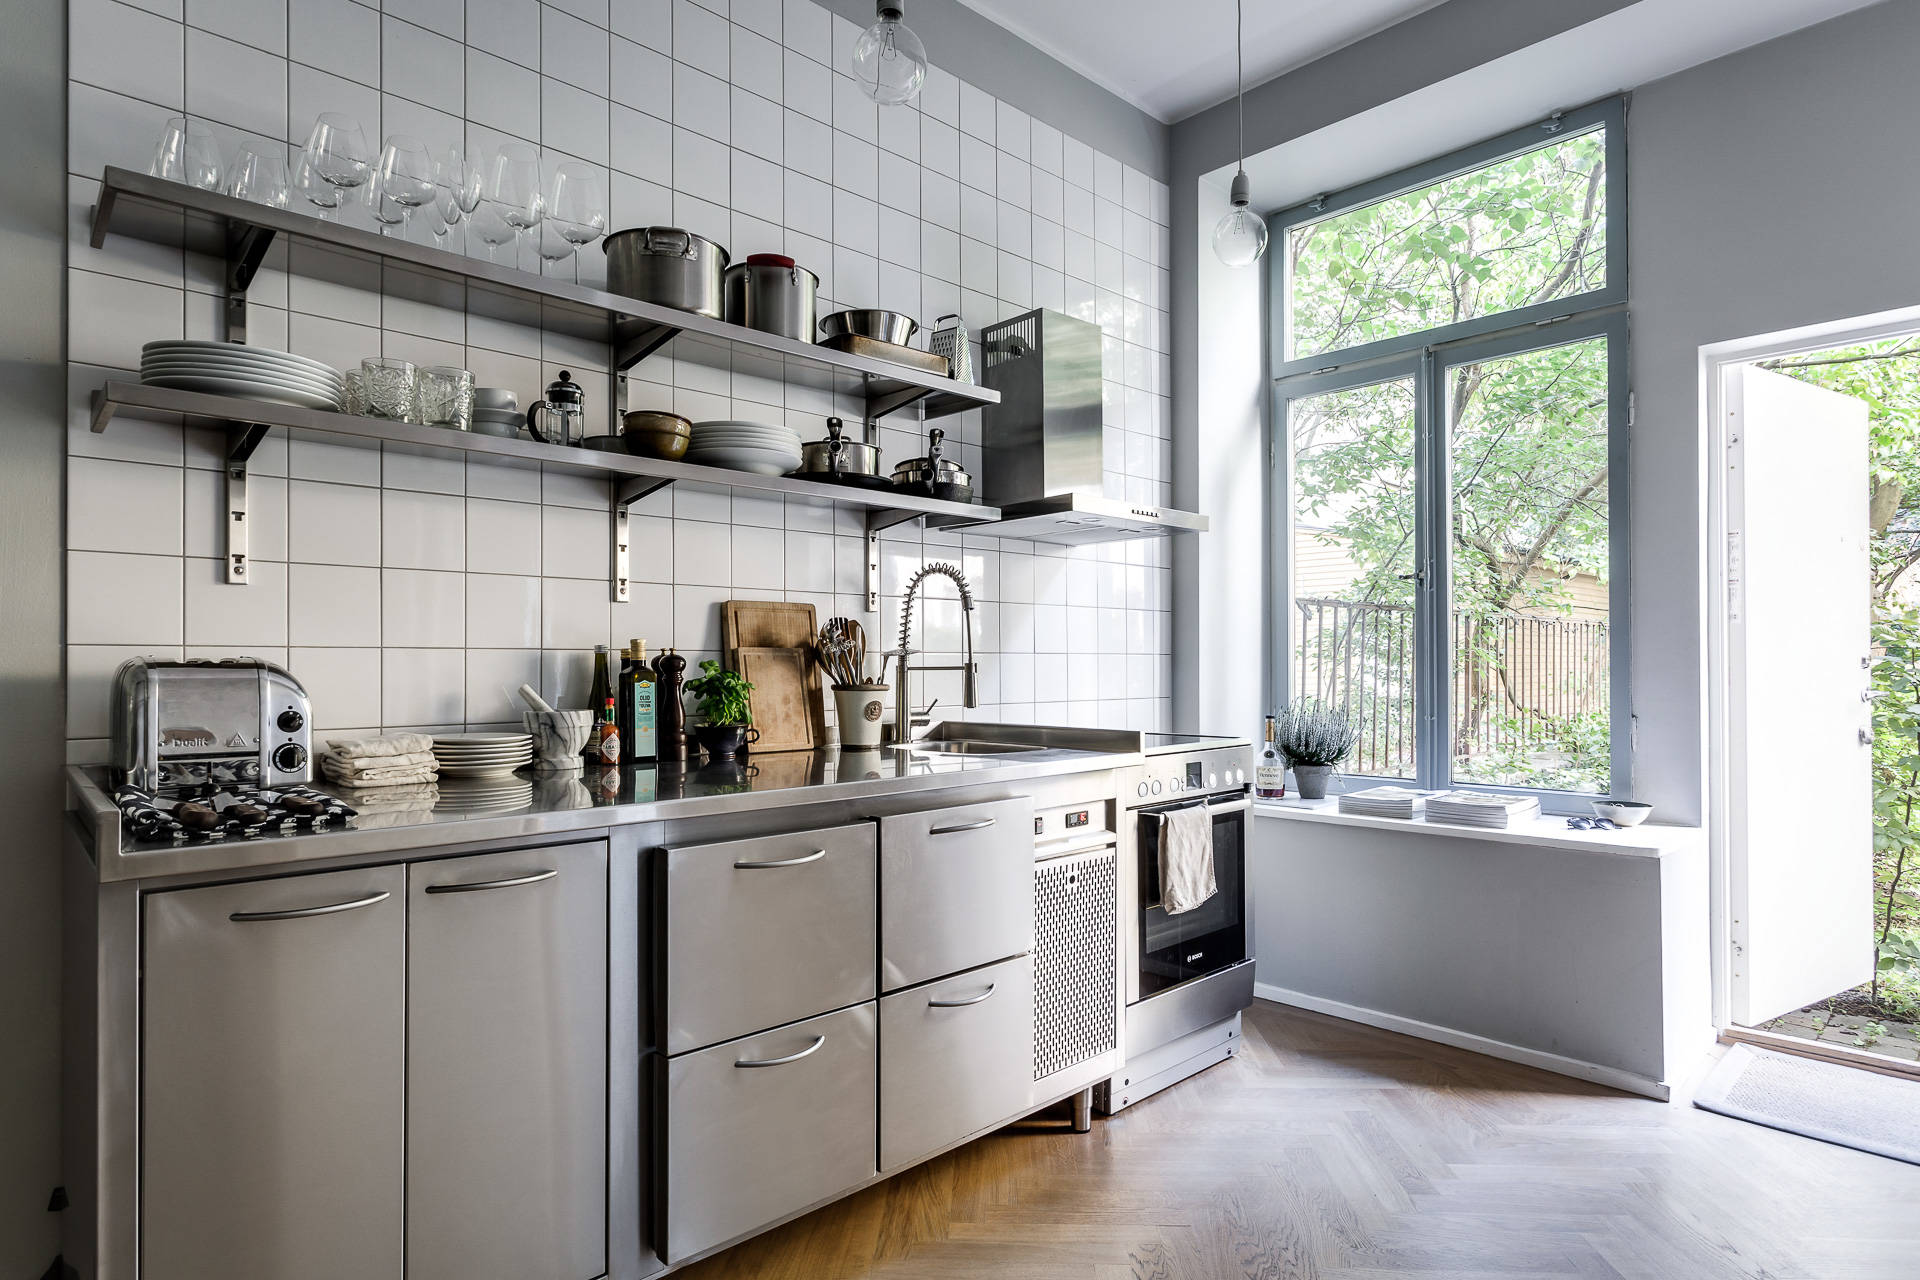 Peque a cocina inspirada en una profesional blog tienda for Cocina y lavadero integrados